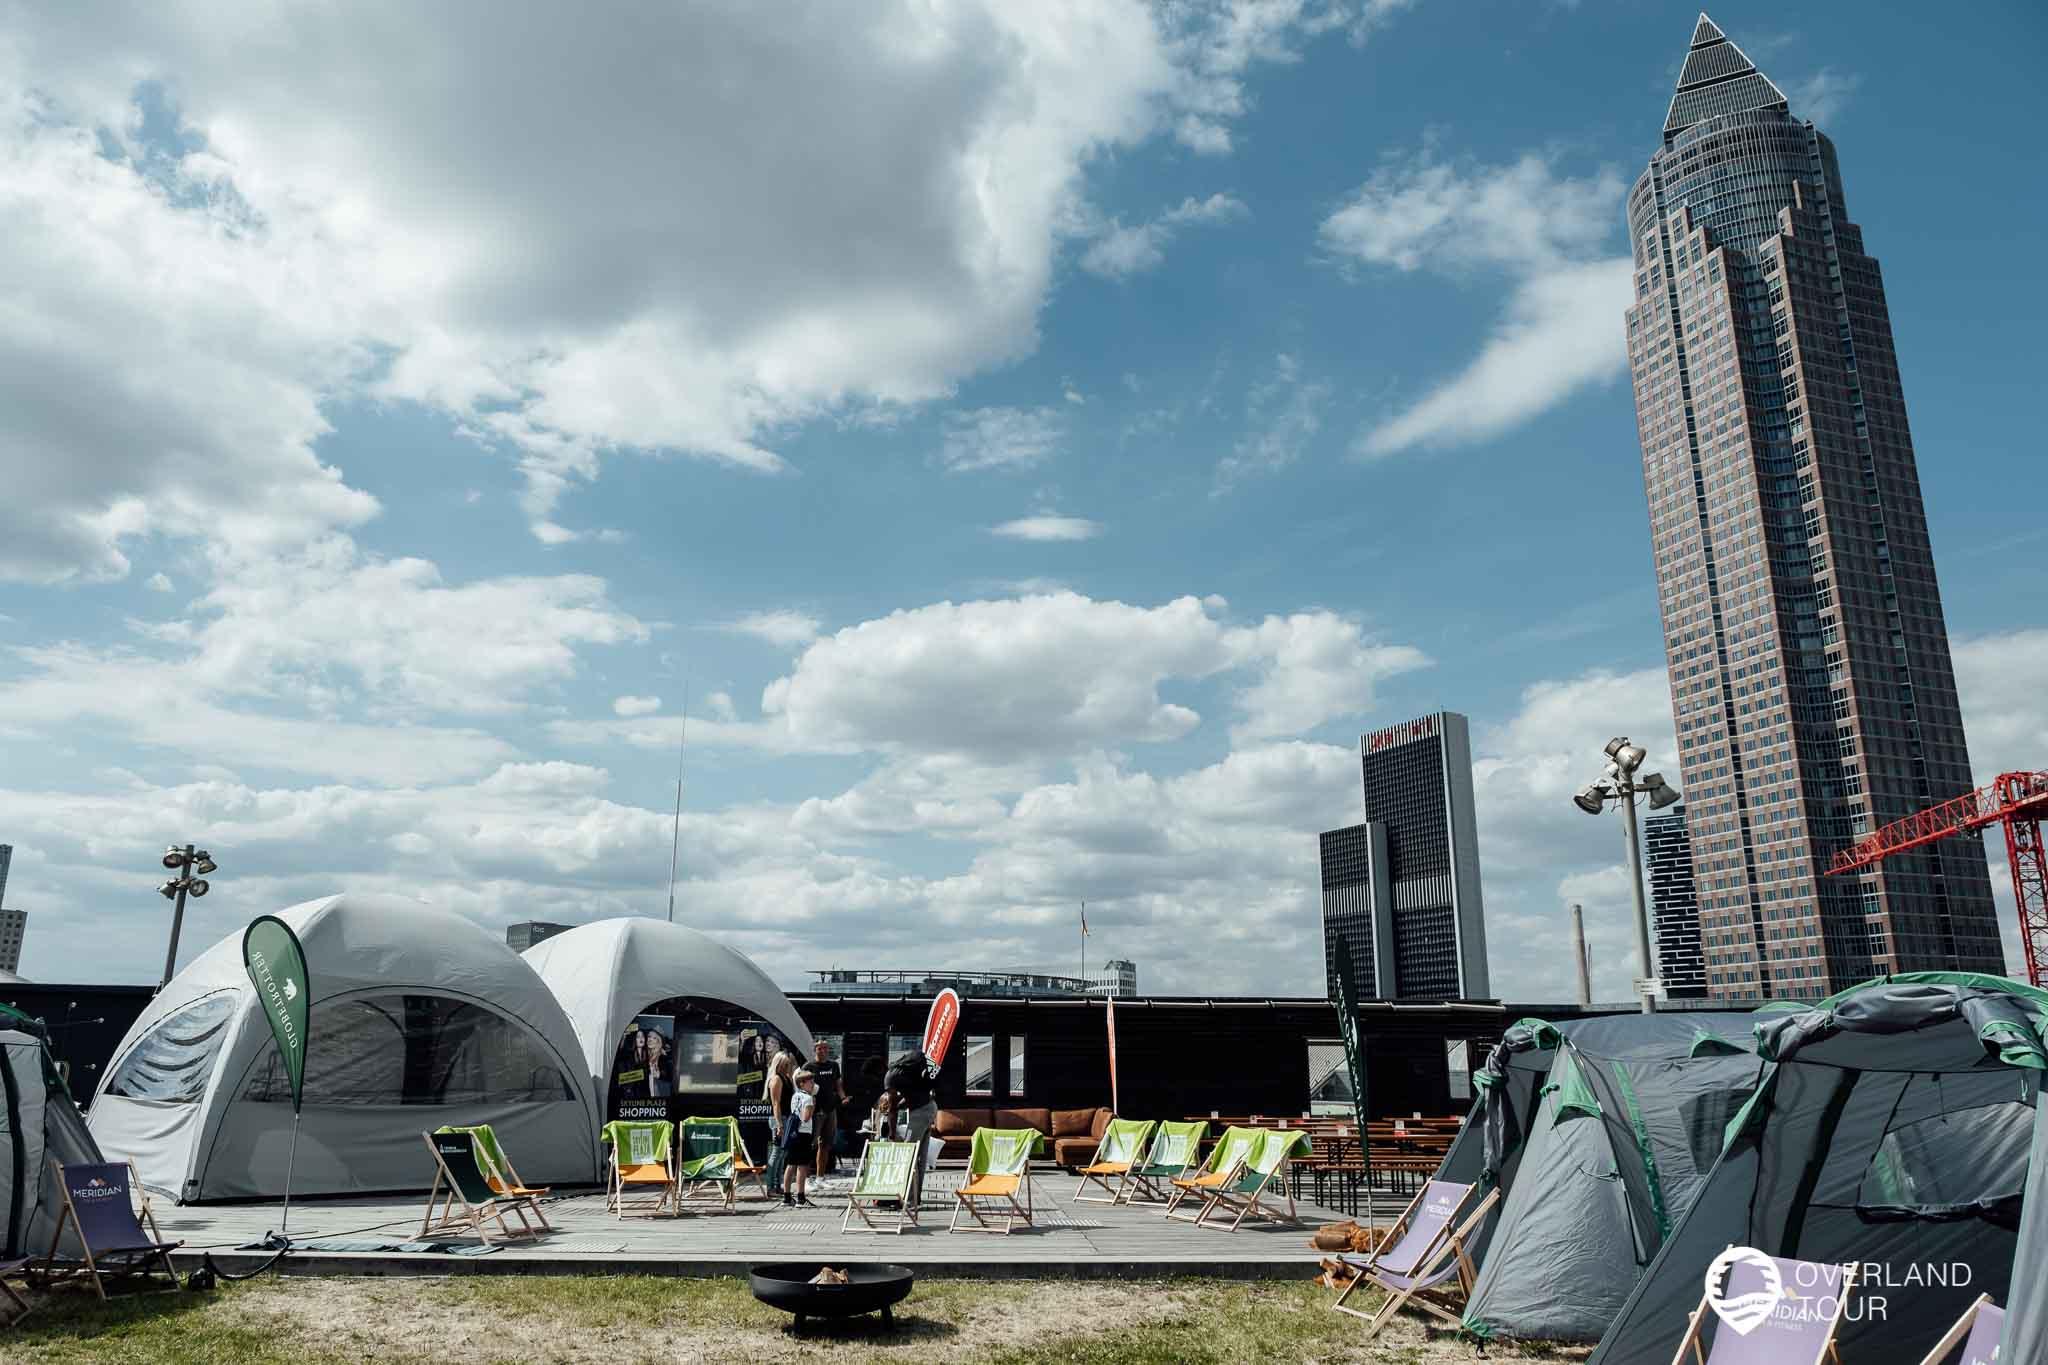 Der Campground im Skyline Garden auf dem Dach der Shopping Mall Skyline Plaza